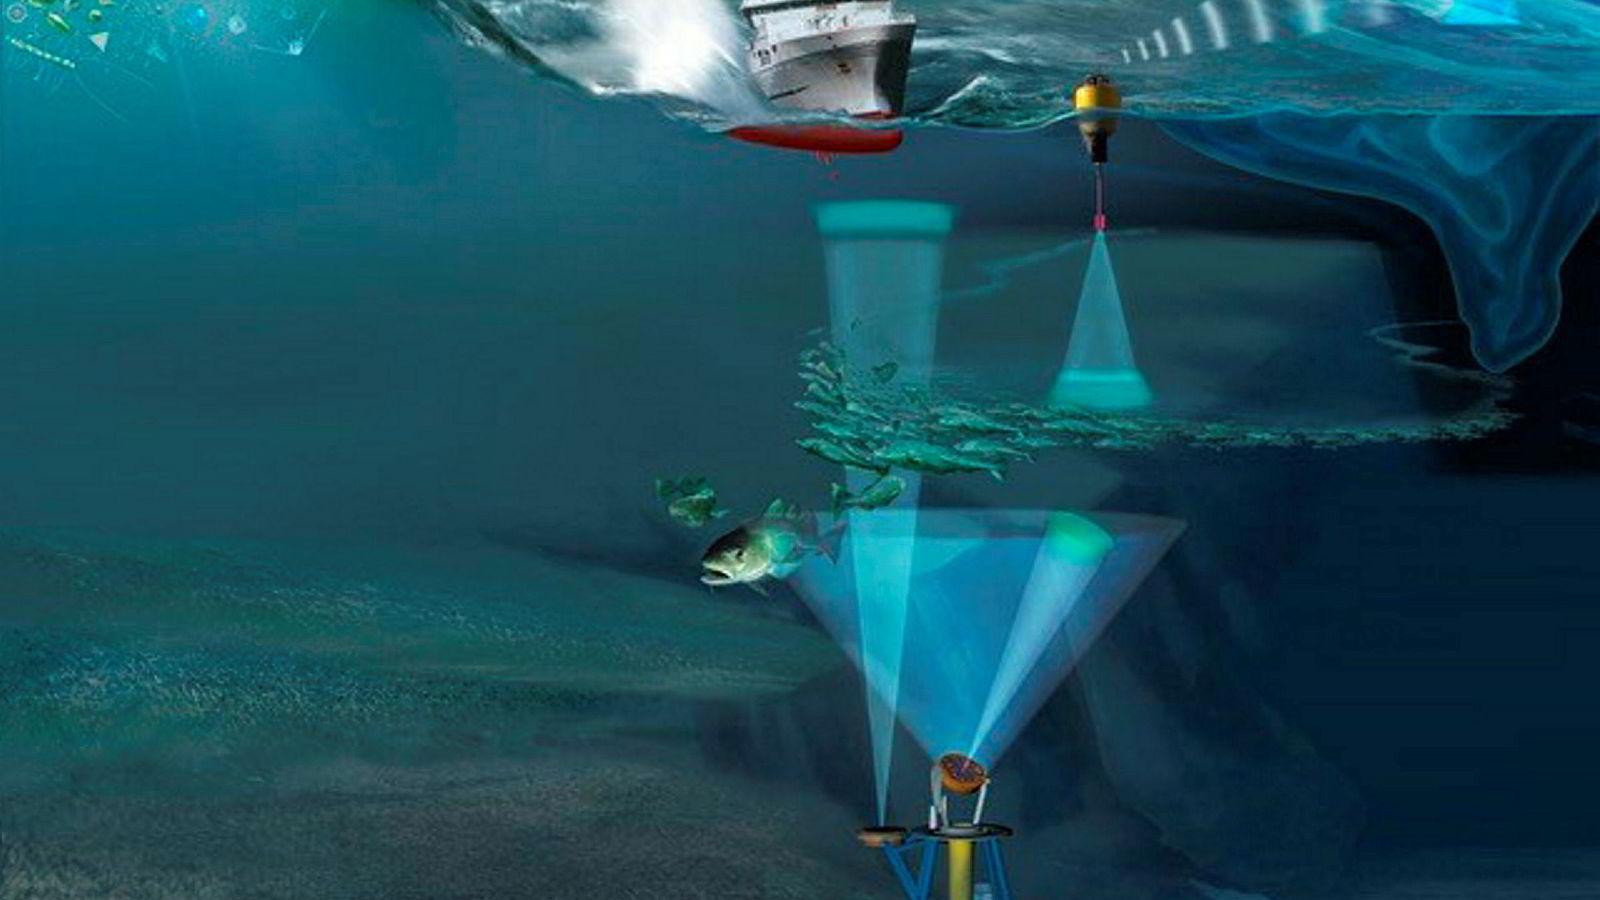 Observasjoner av livet i havet blir gjort med ny integrert teknologi. Det blir blant annet brukt bunnstående sensorplattformer, overflatebøyer, satellitter og fartøy.